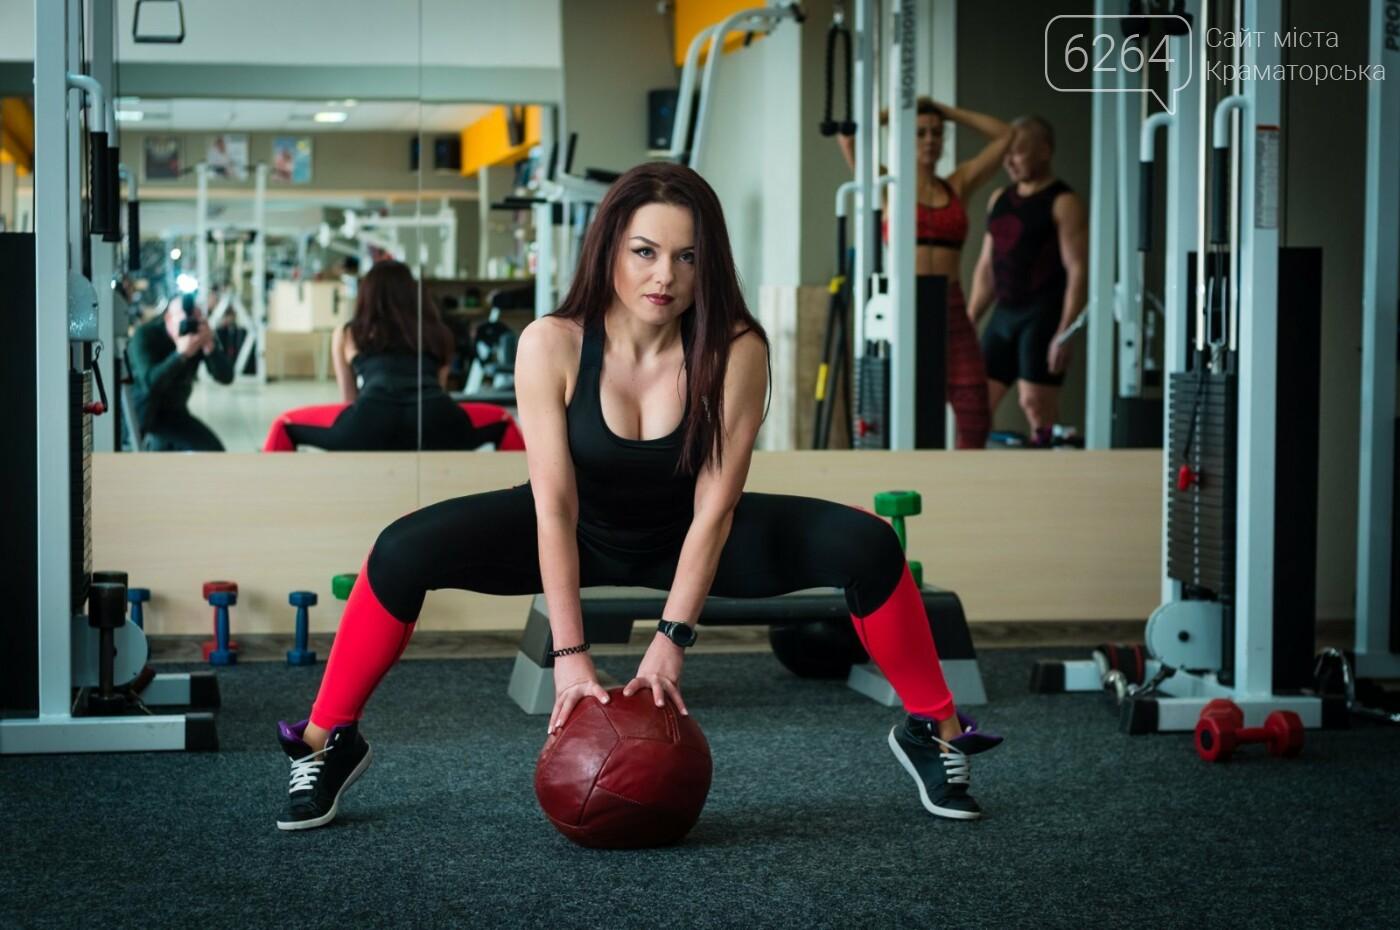 ЭСТЕТИК GYM - энергия твоего успеха: взгляни на фитнес по-новому, фото-9